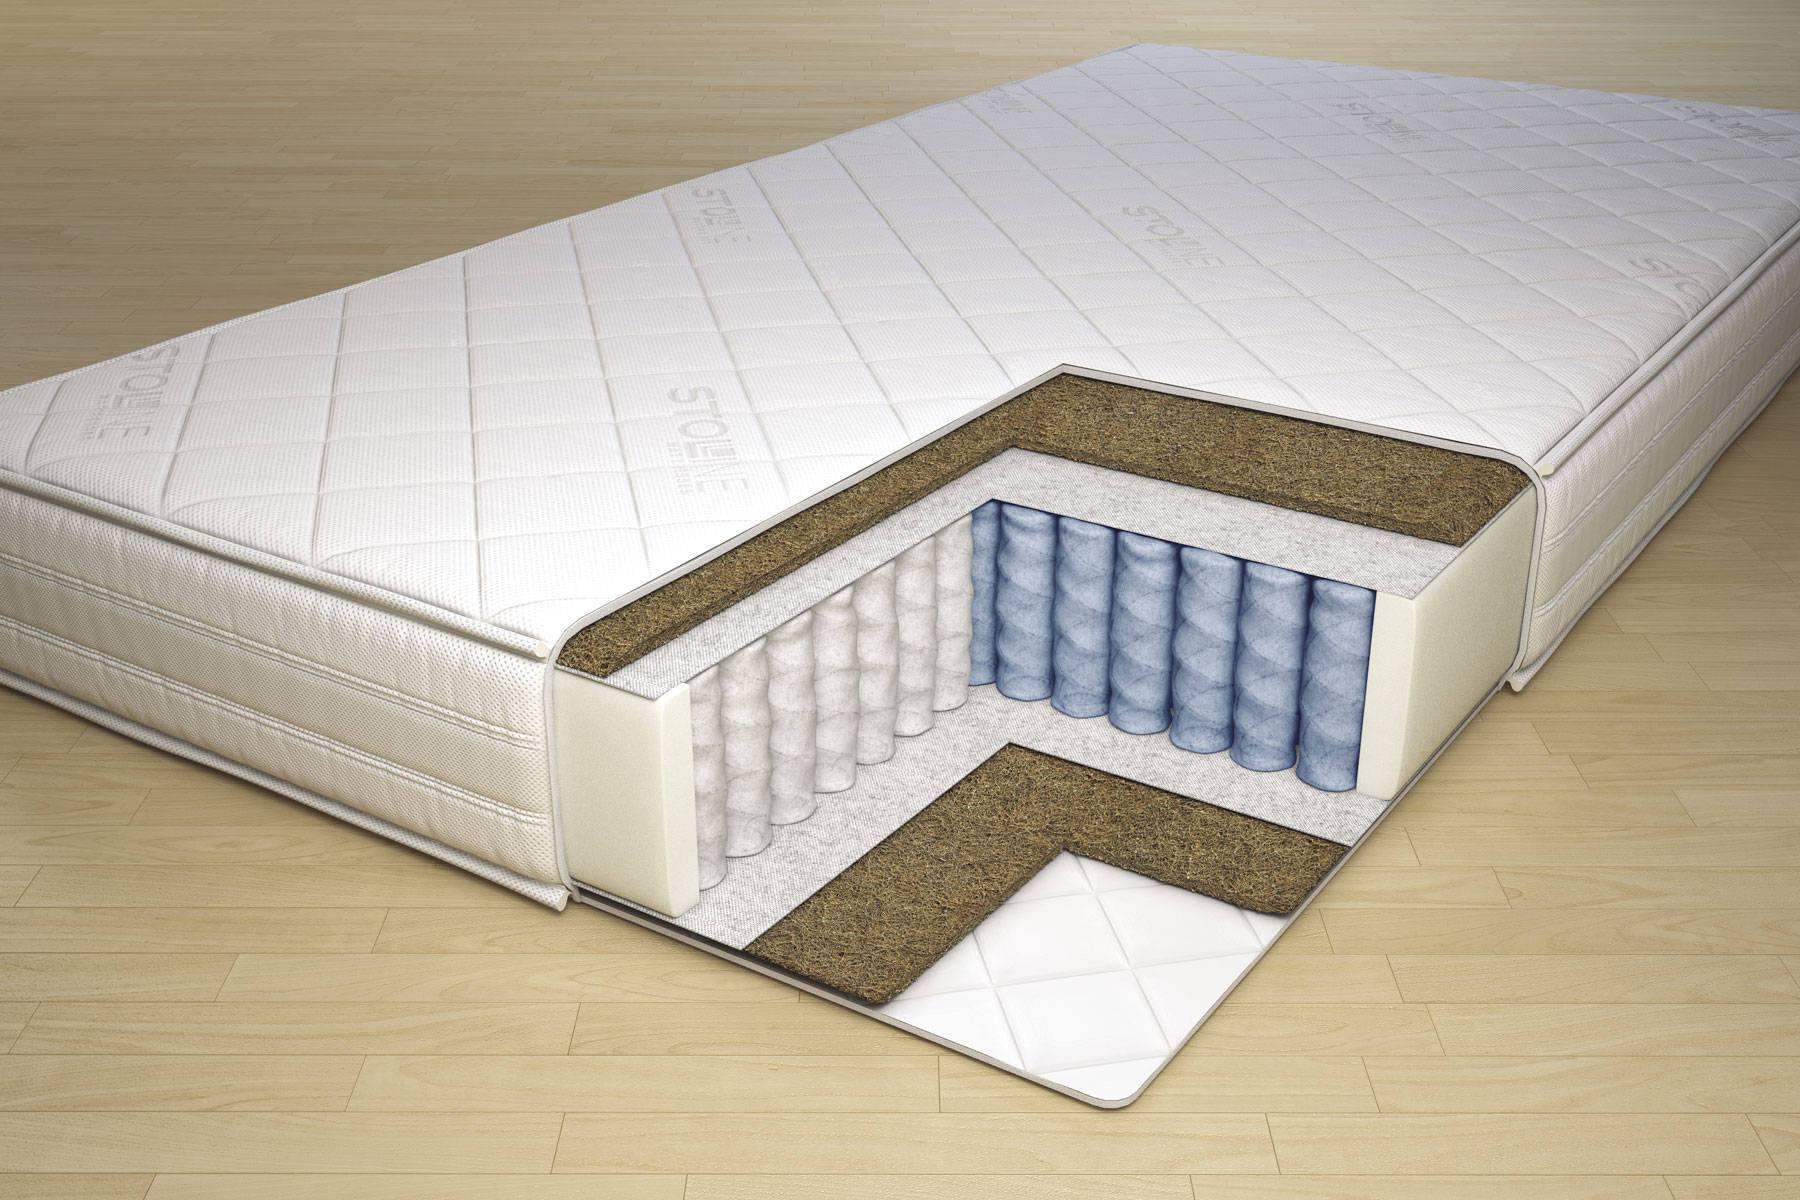 икеа новосибирск диван-кровать каталог цена